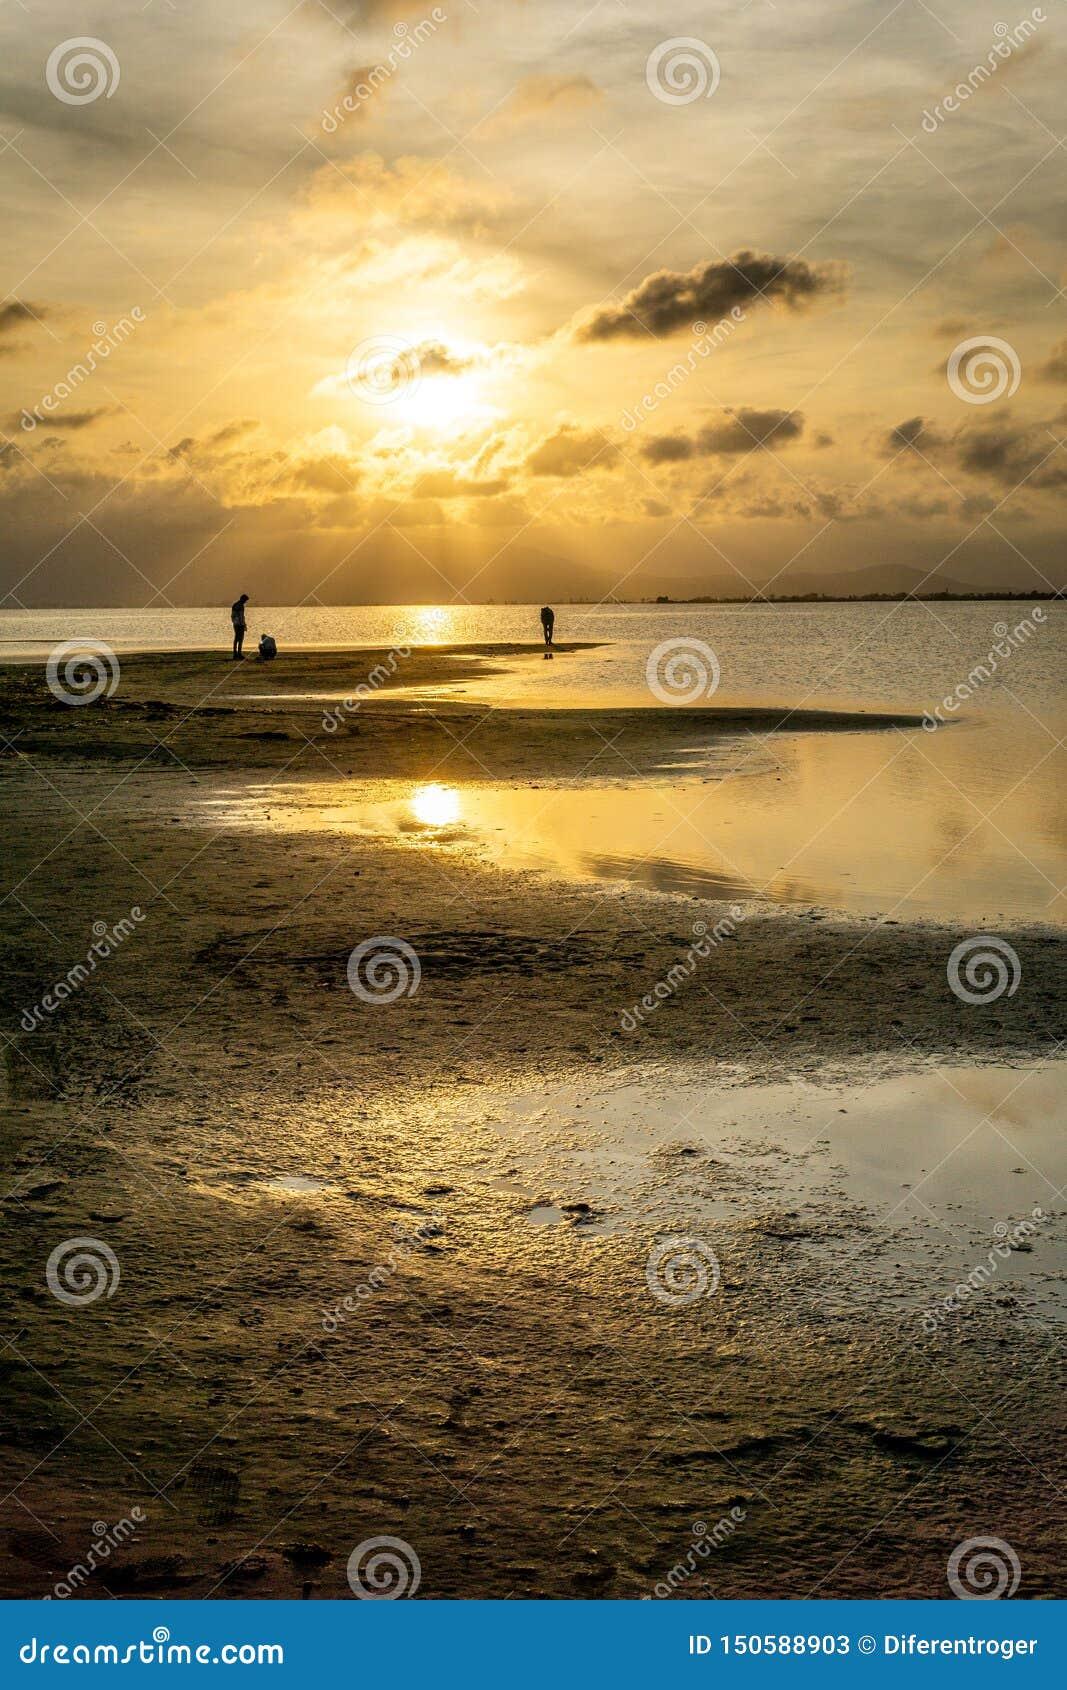 Siluette della gente irriconoscibile sulla spiaggia al tramonto con il mare calmo